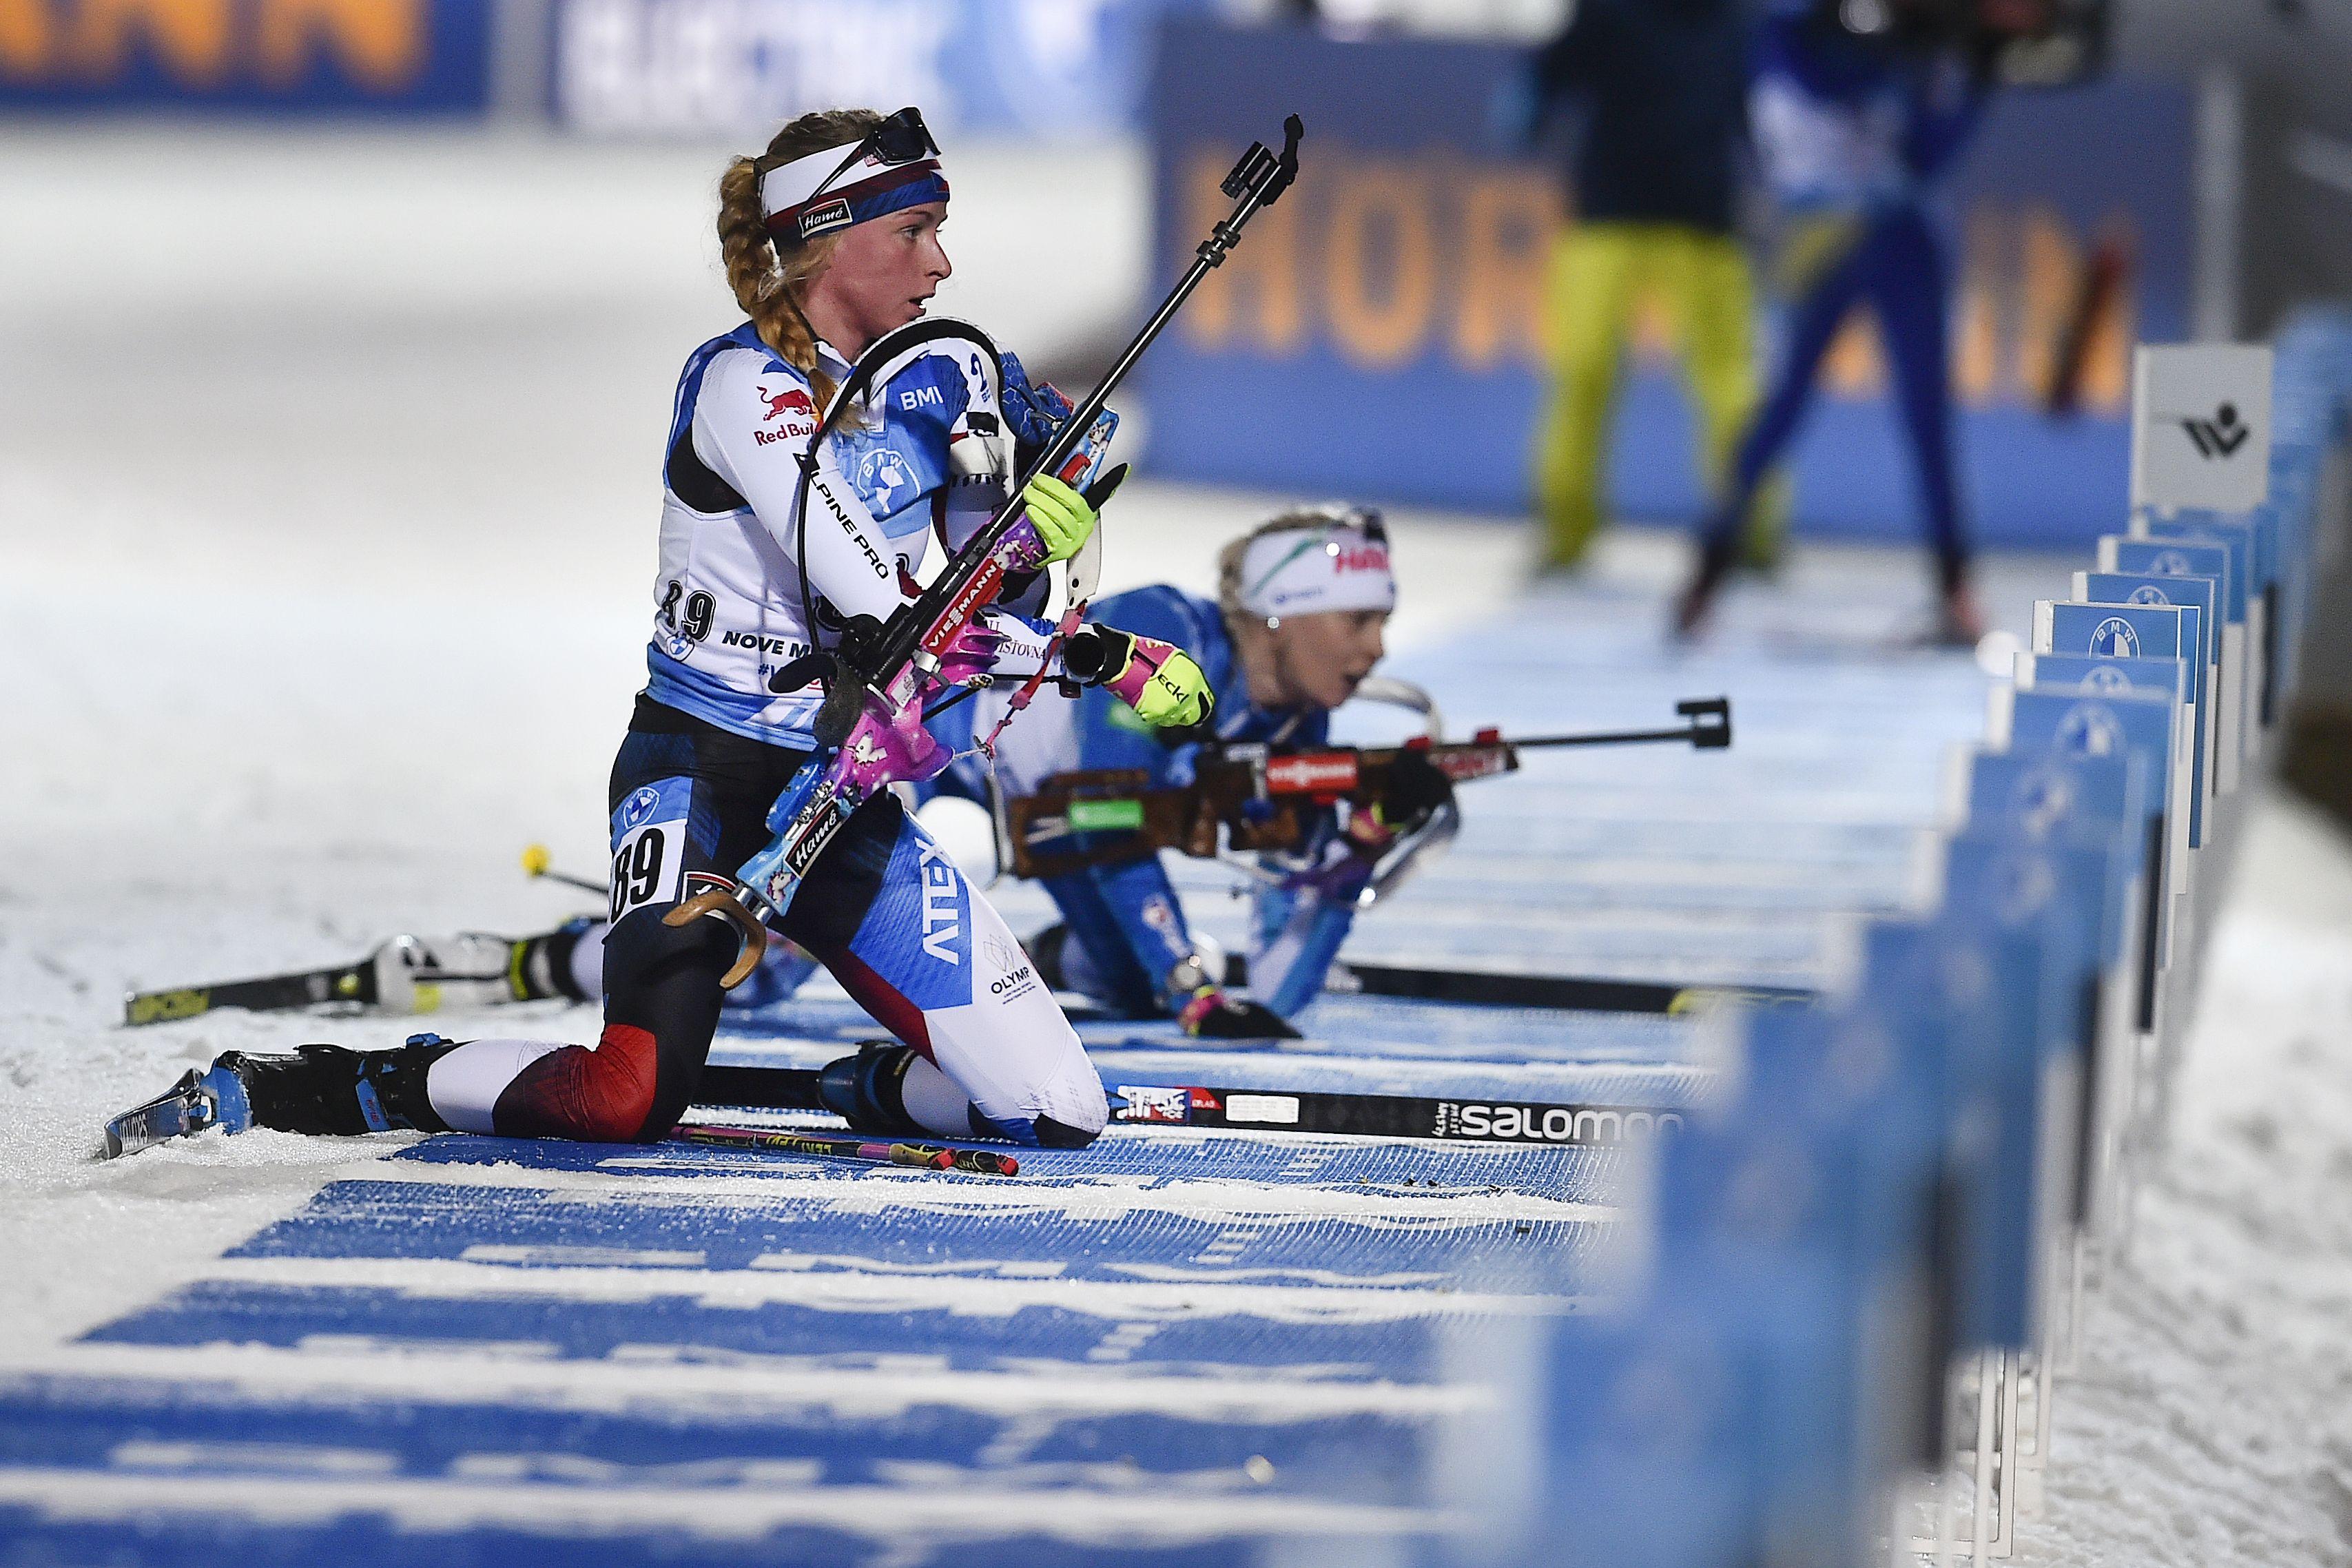 Экхофф выиграла гонку преследования на этапе Кубка мира, Куклина -37-я: все результаты россиянок